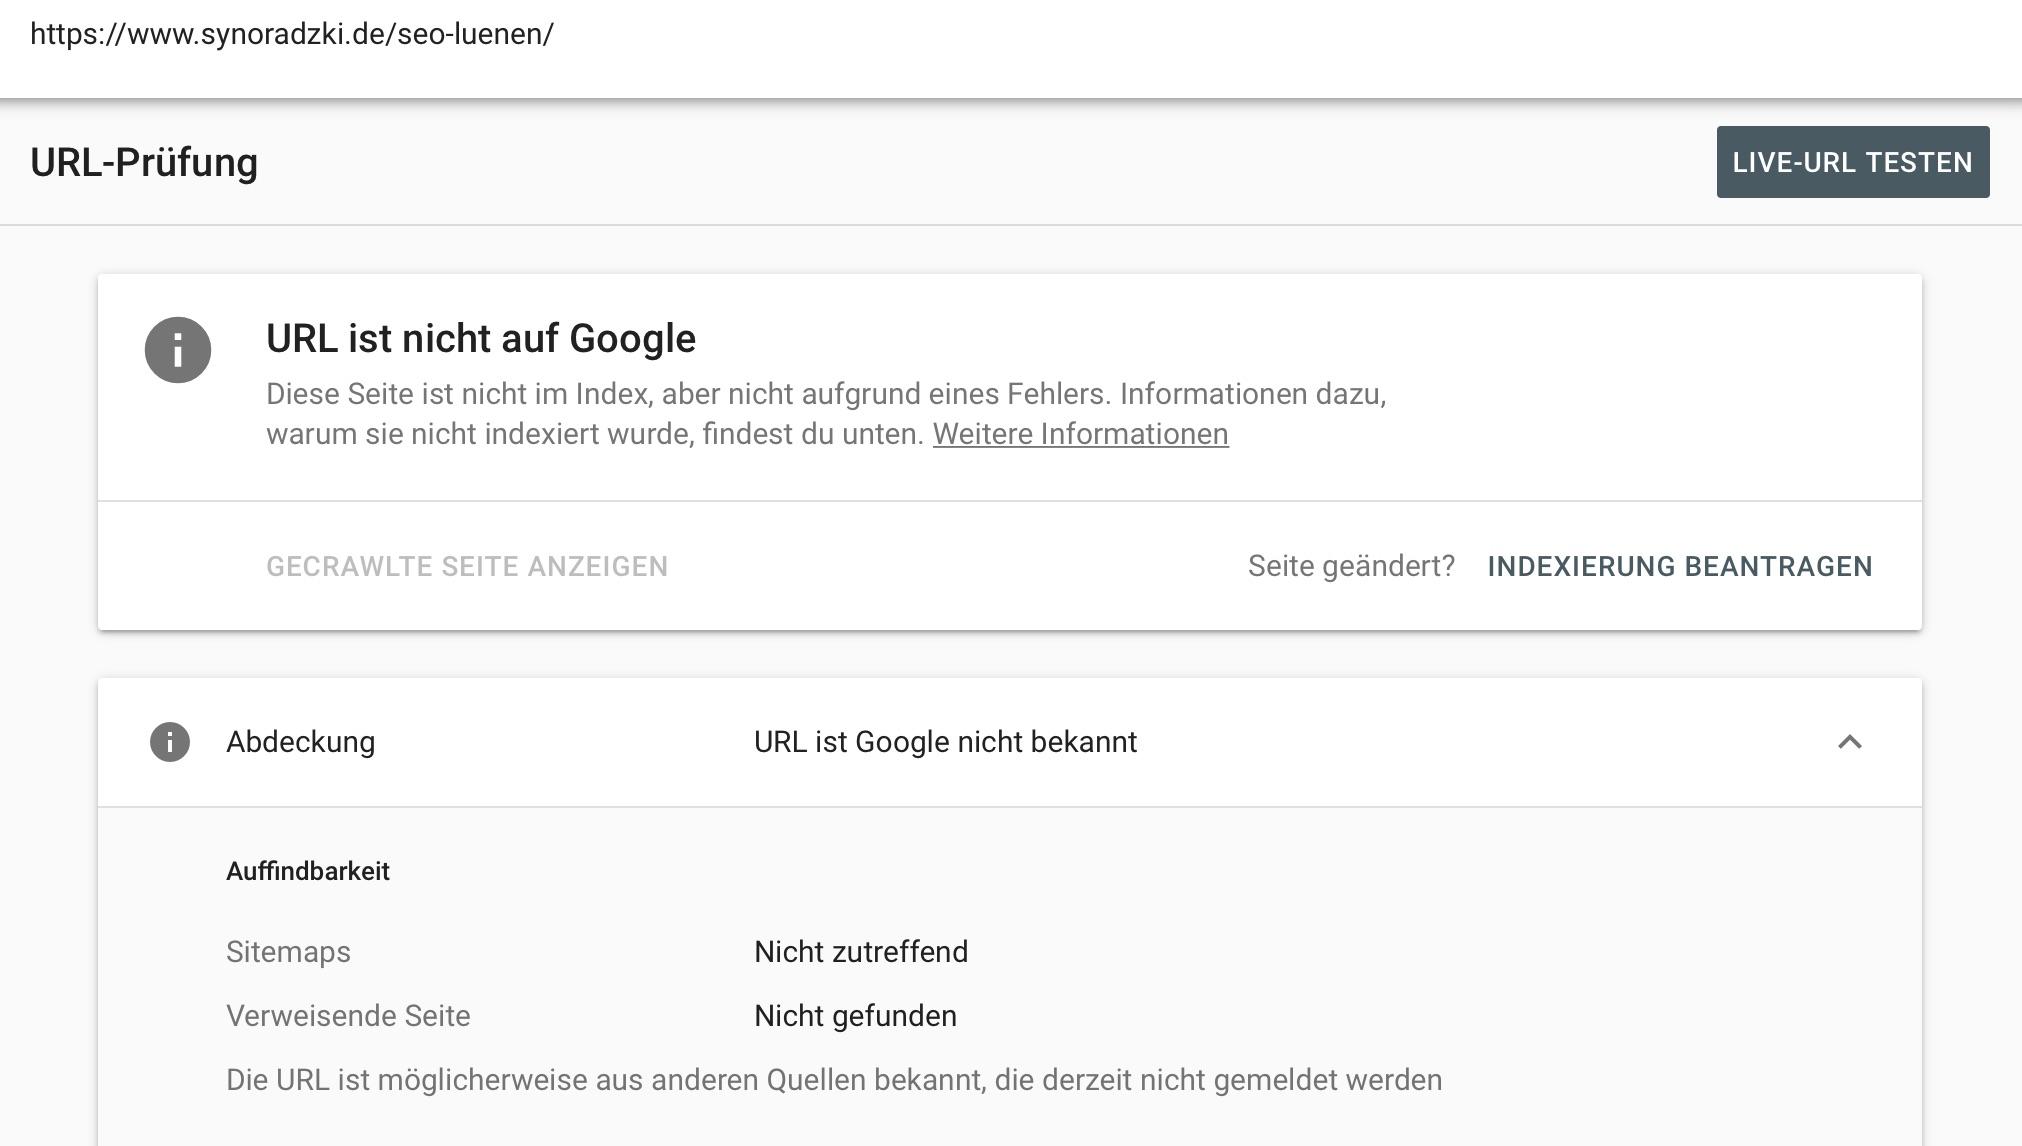 SEO Lünen - Google Indexierung